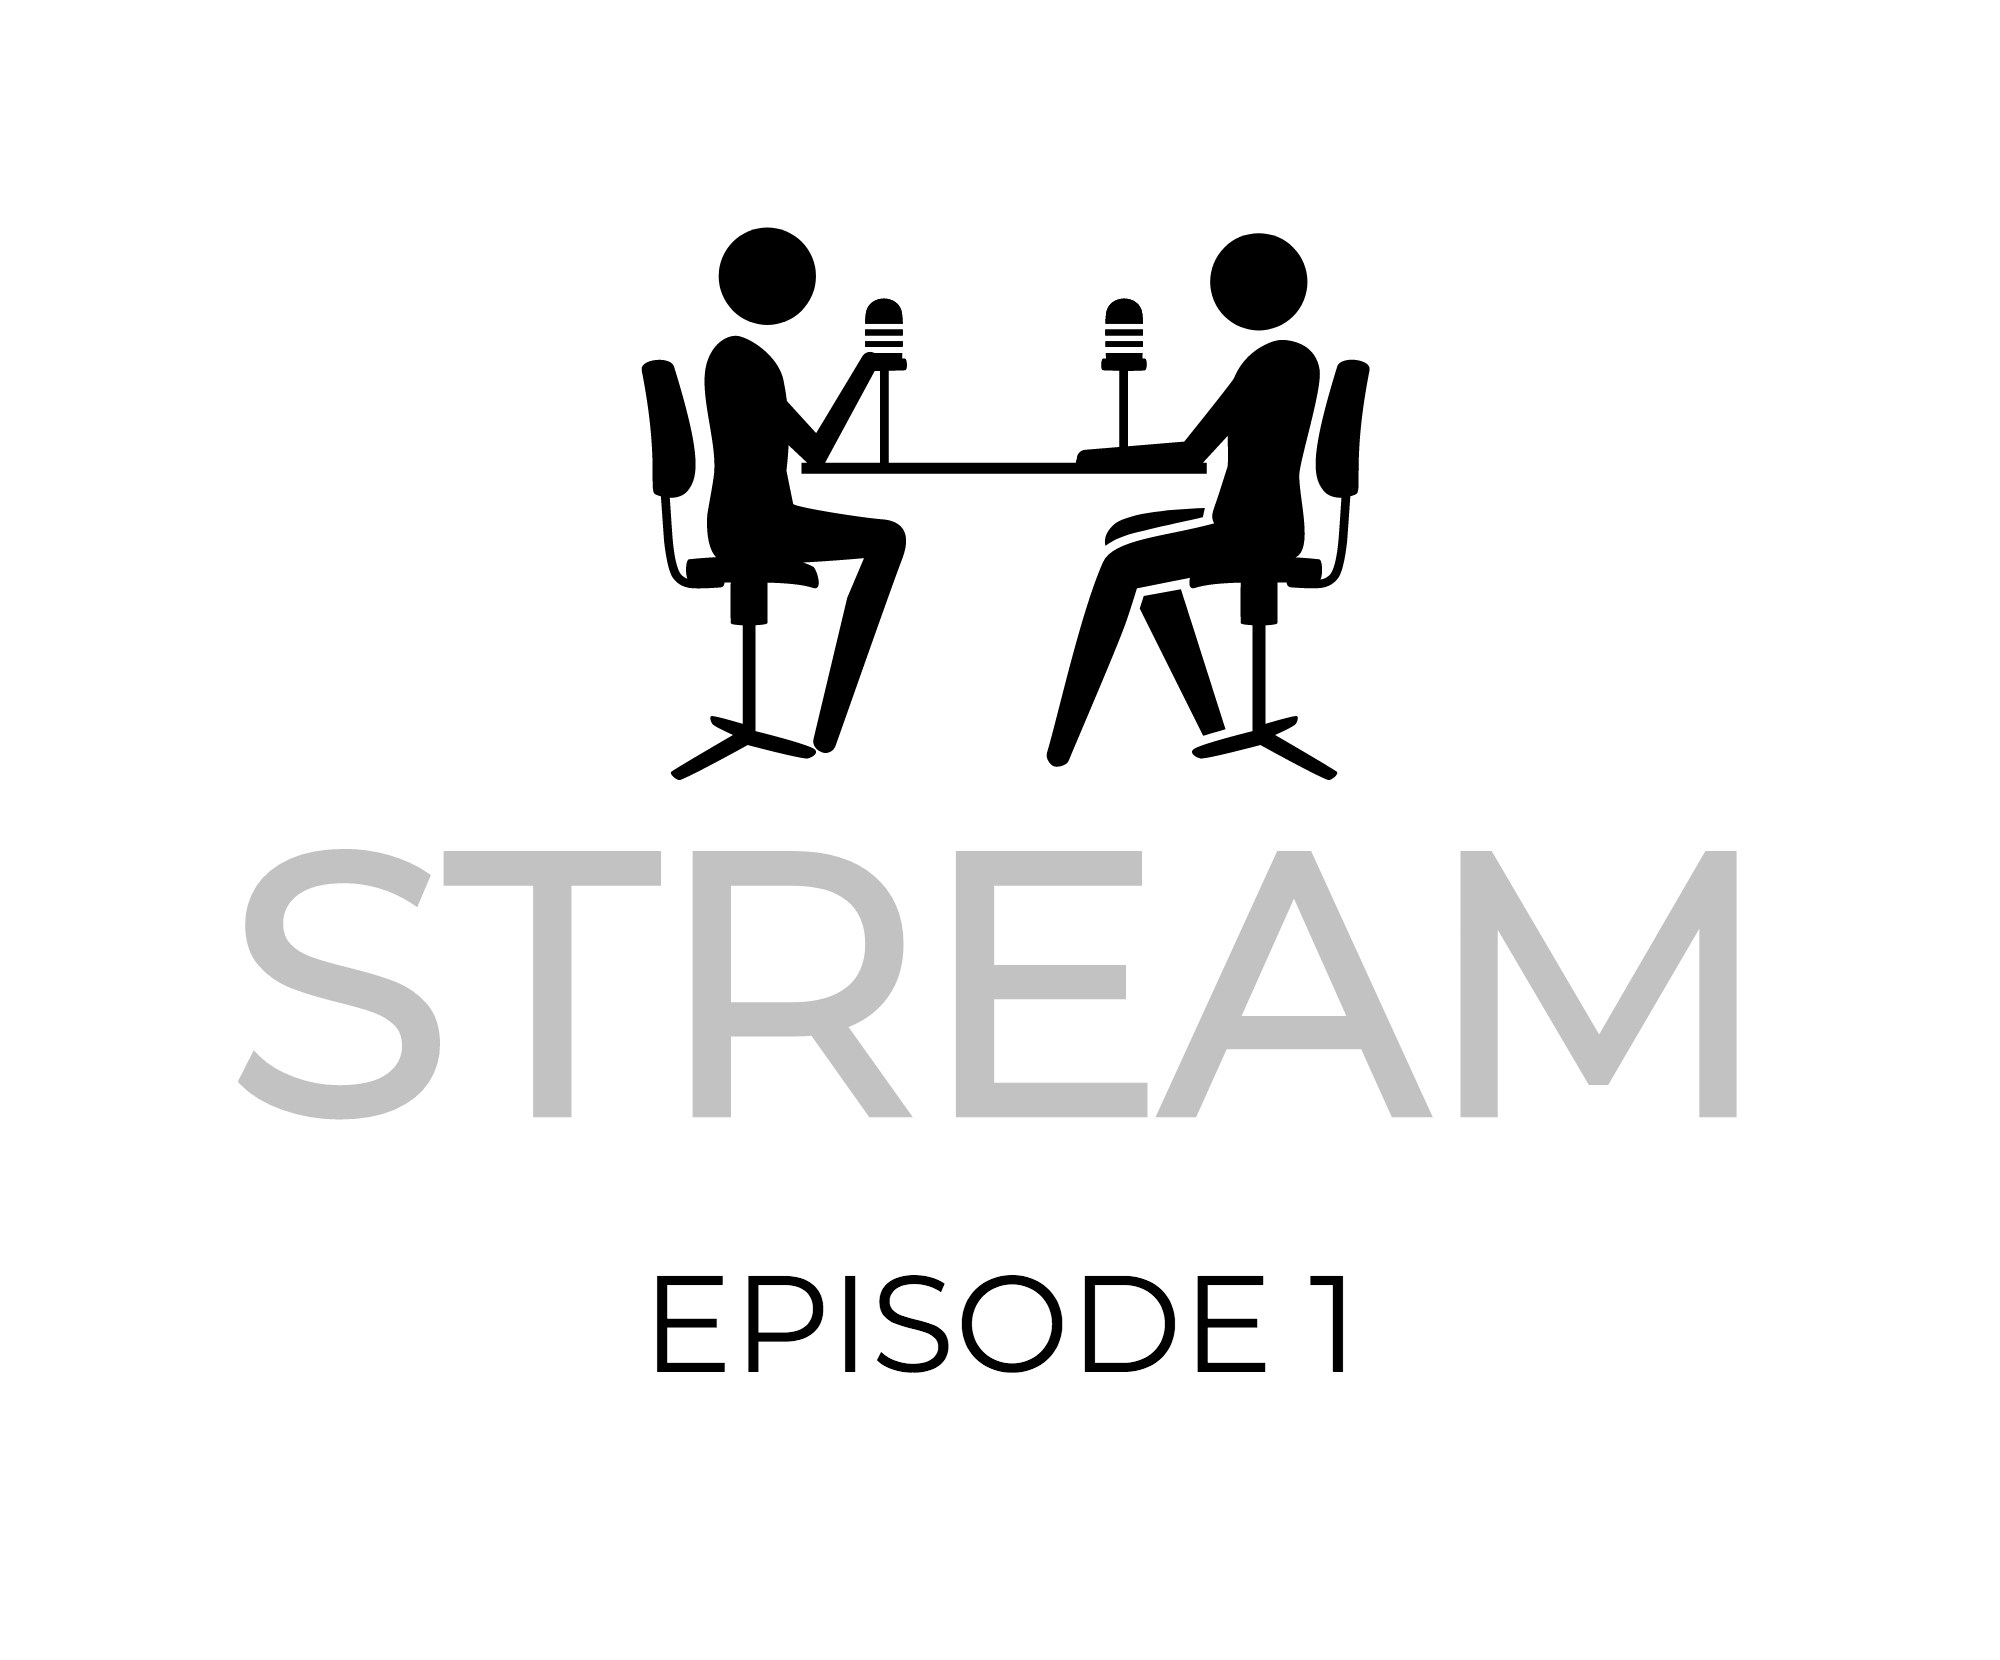 STREAM PODCAST EPISODE 1 - PUBLISHED OCTOBER 7, 2019